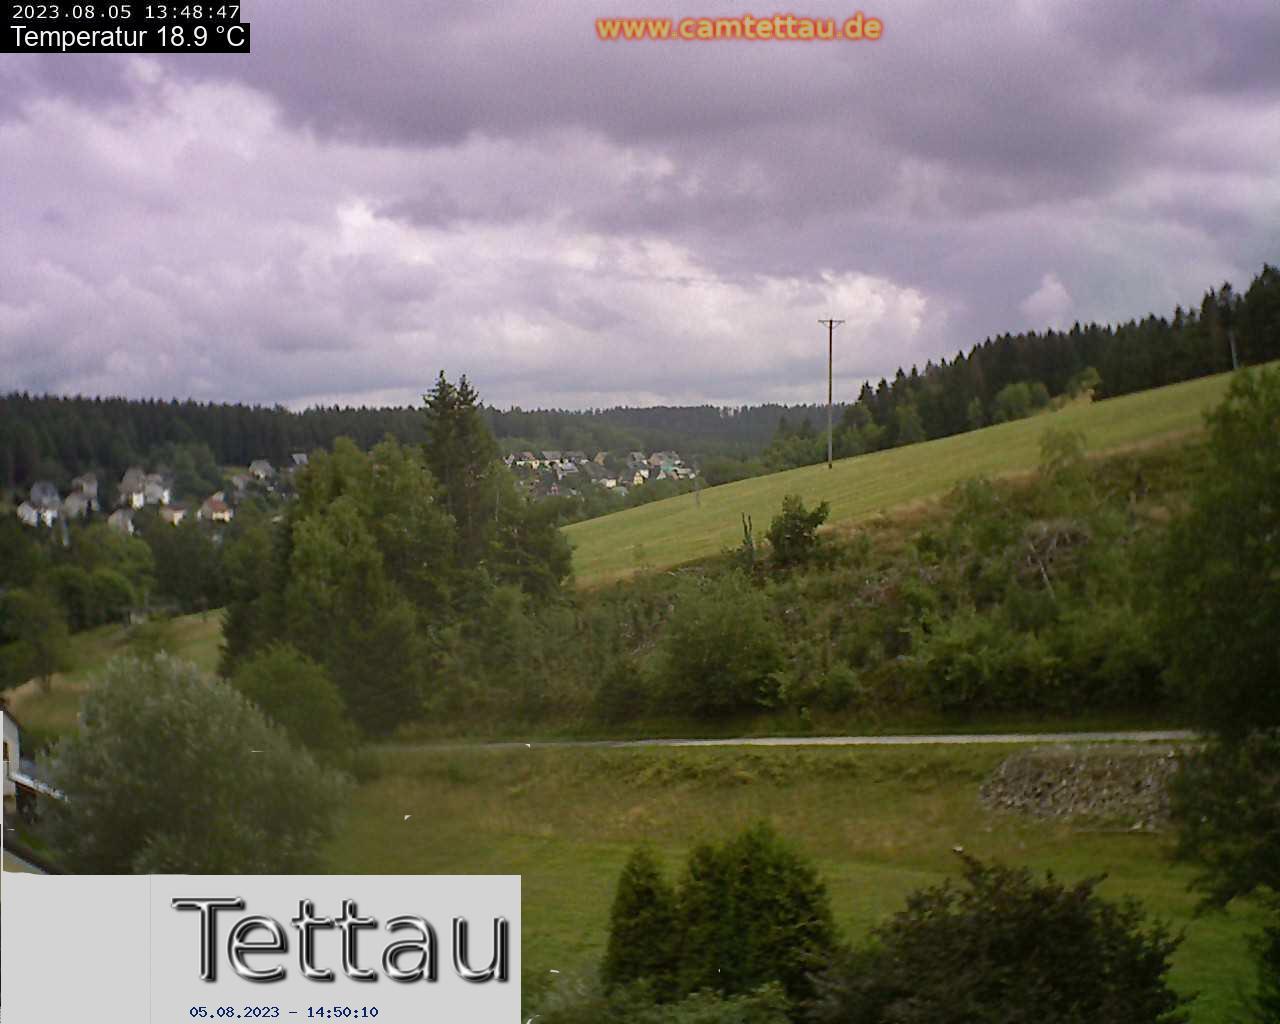 Tettau (Bavaria) Tue. 14:55